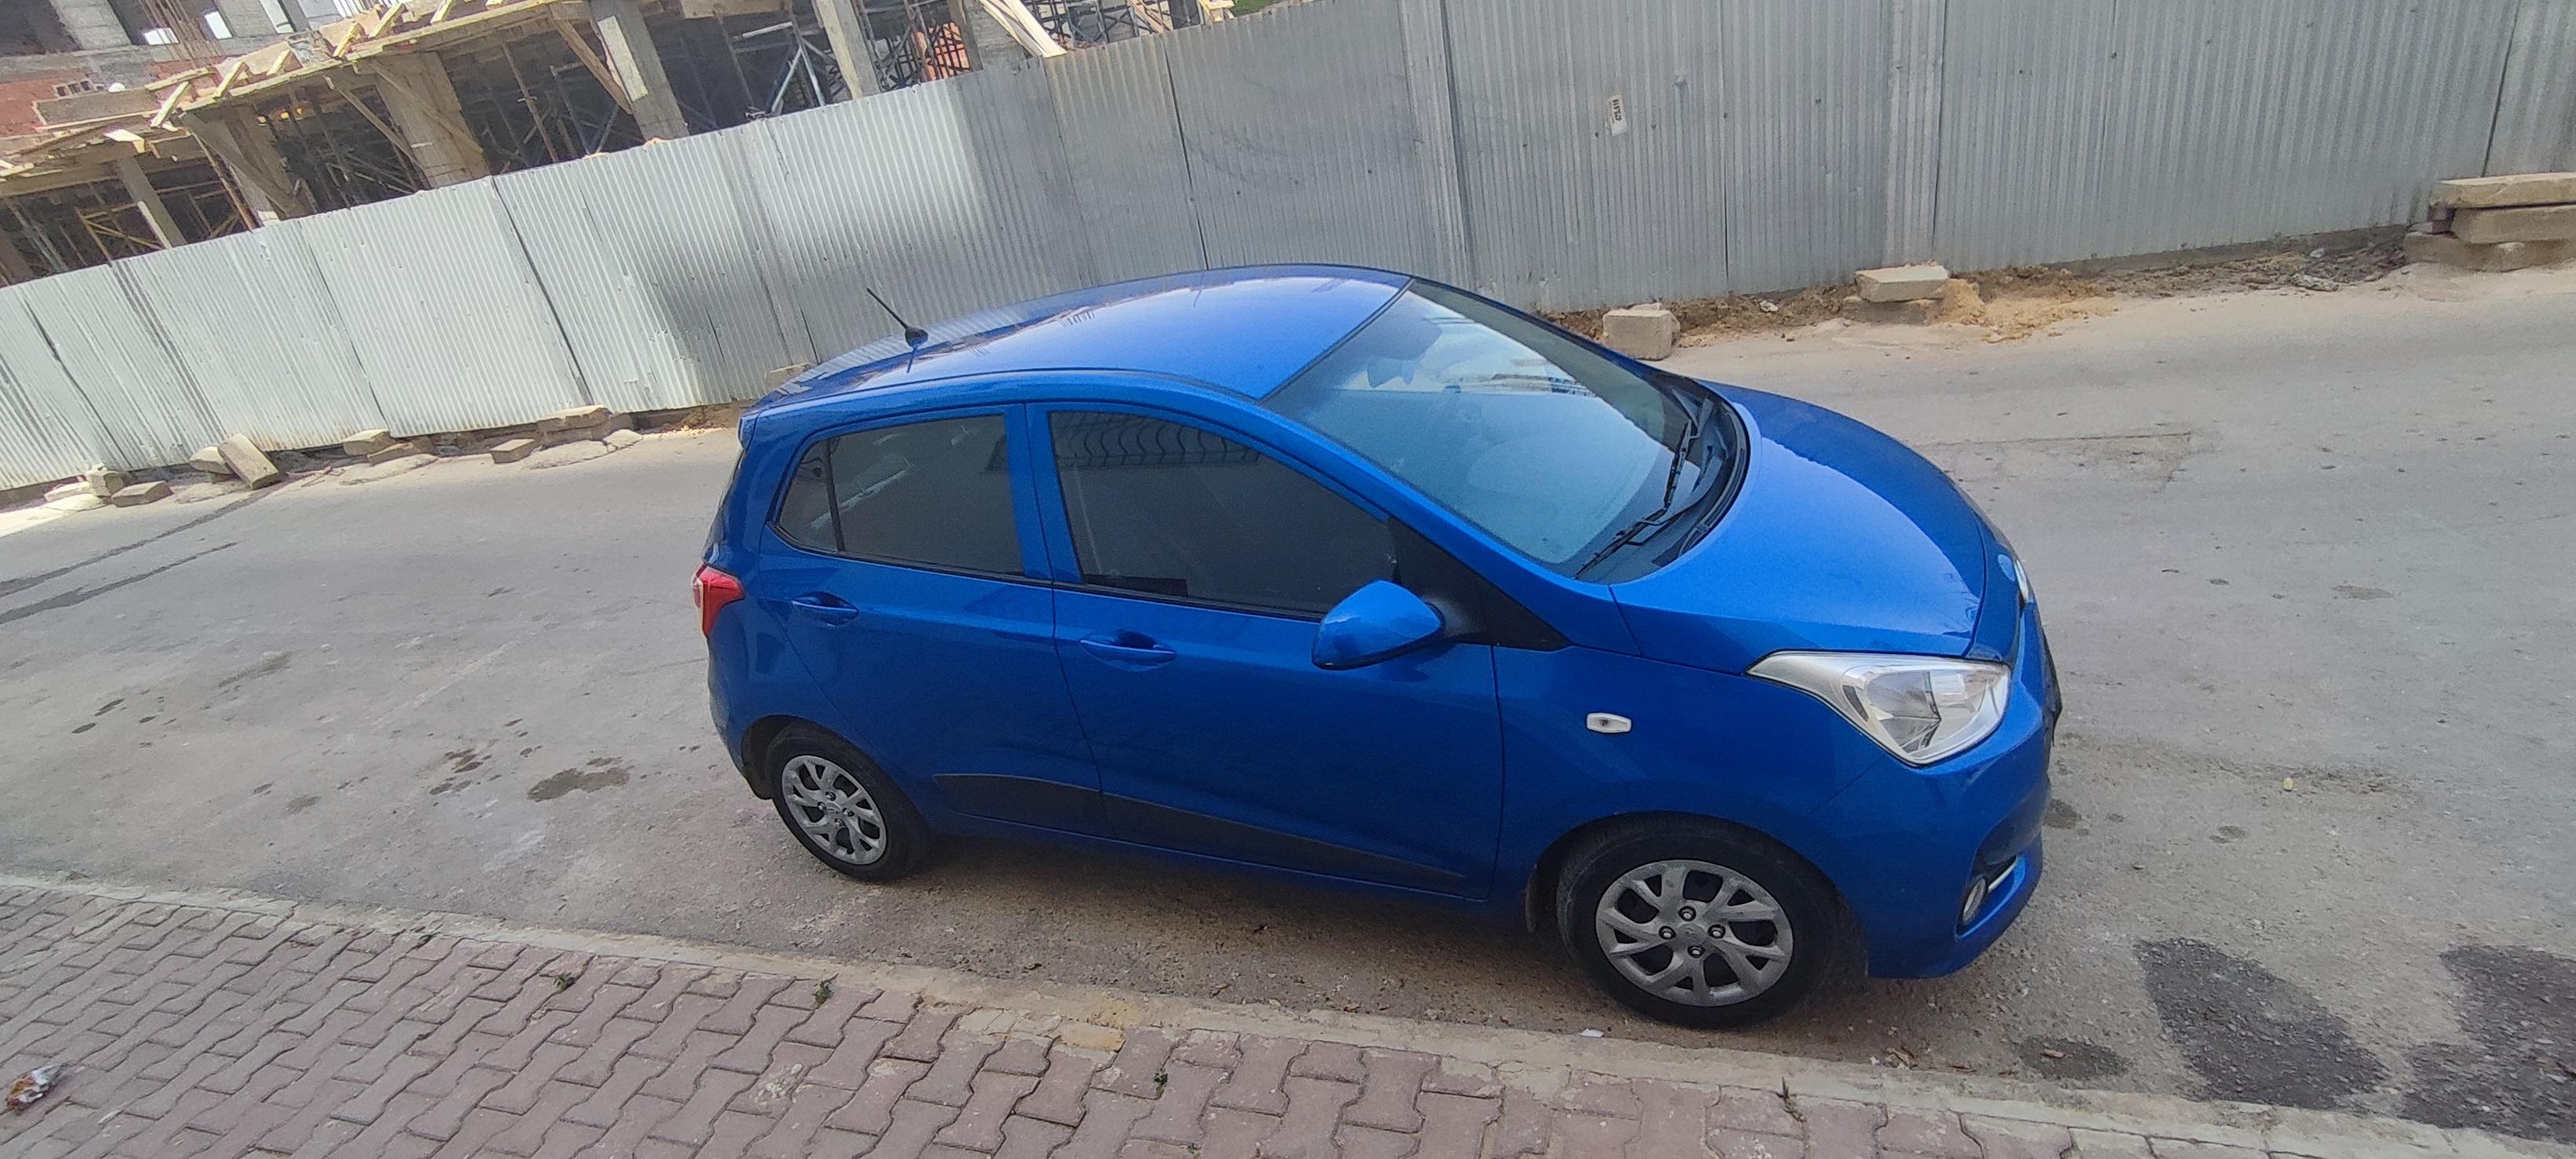 vente voiture occasion boite automatique tunisie hyundai grand i10